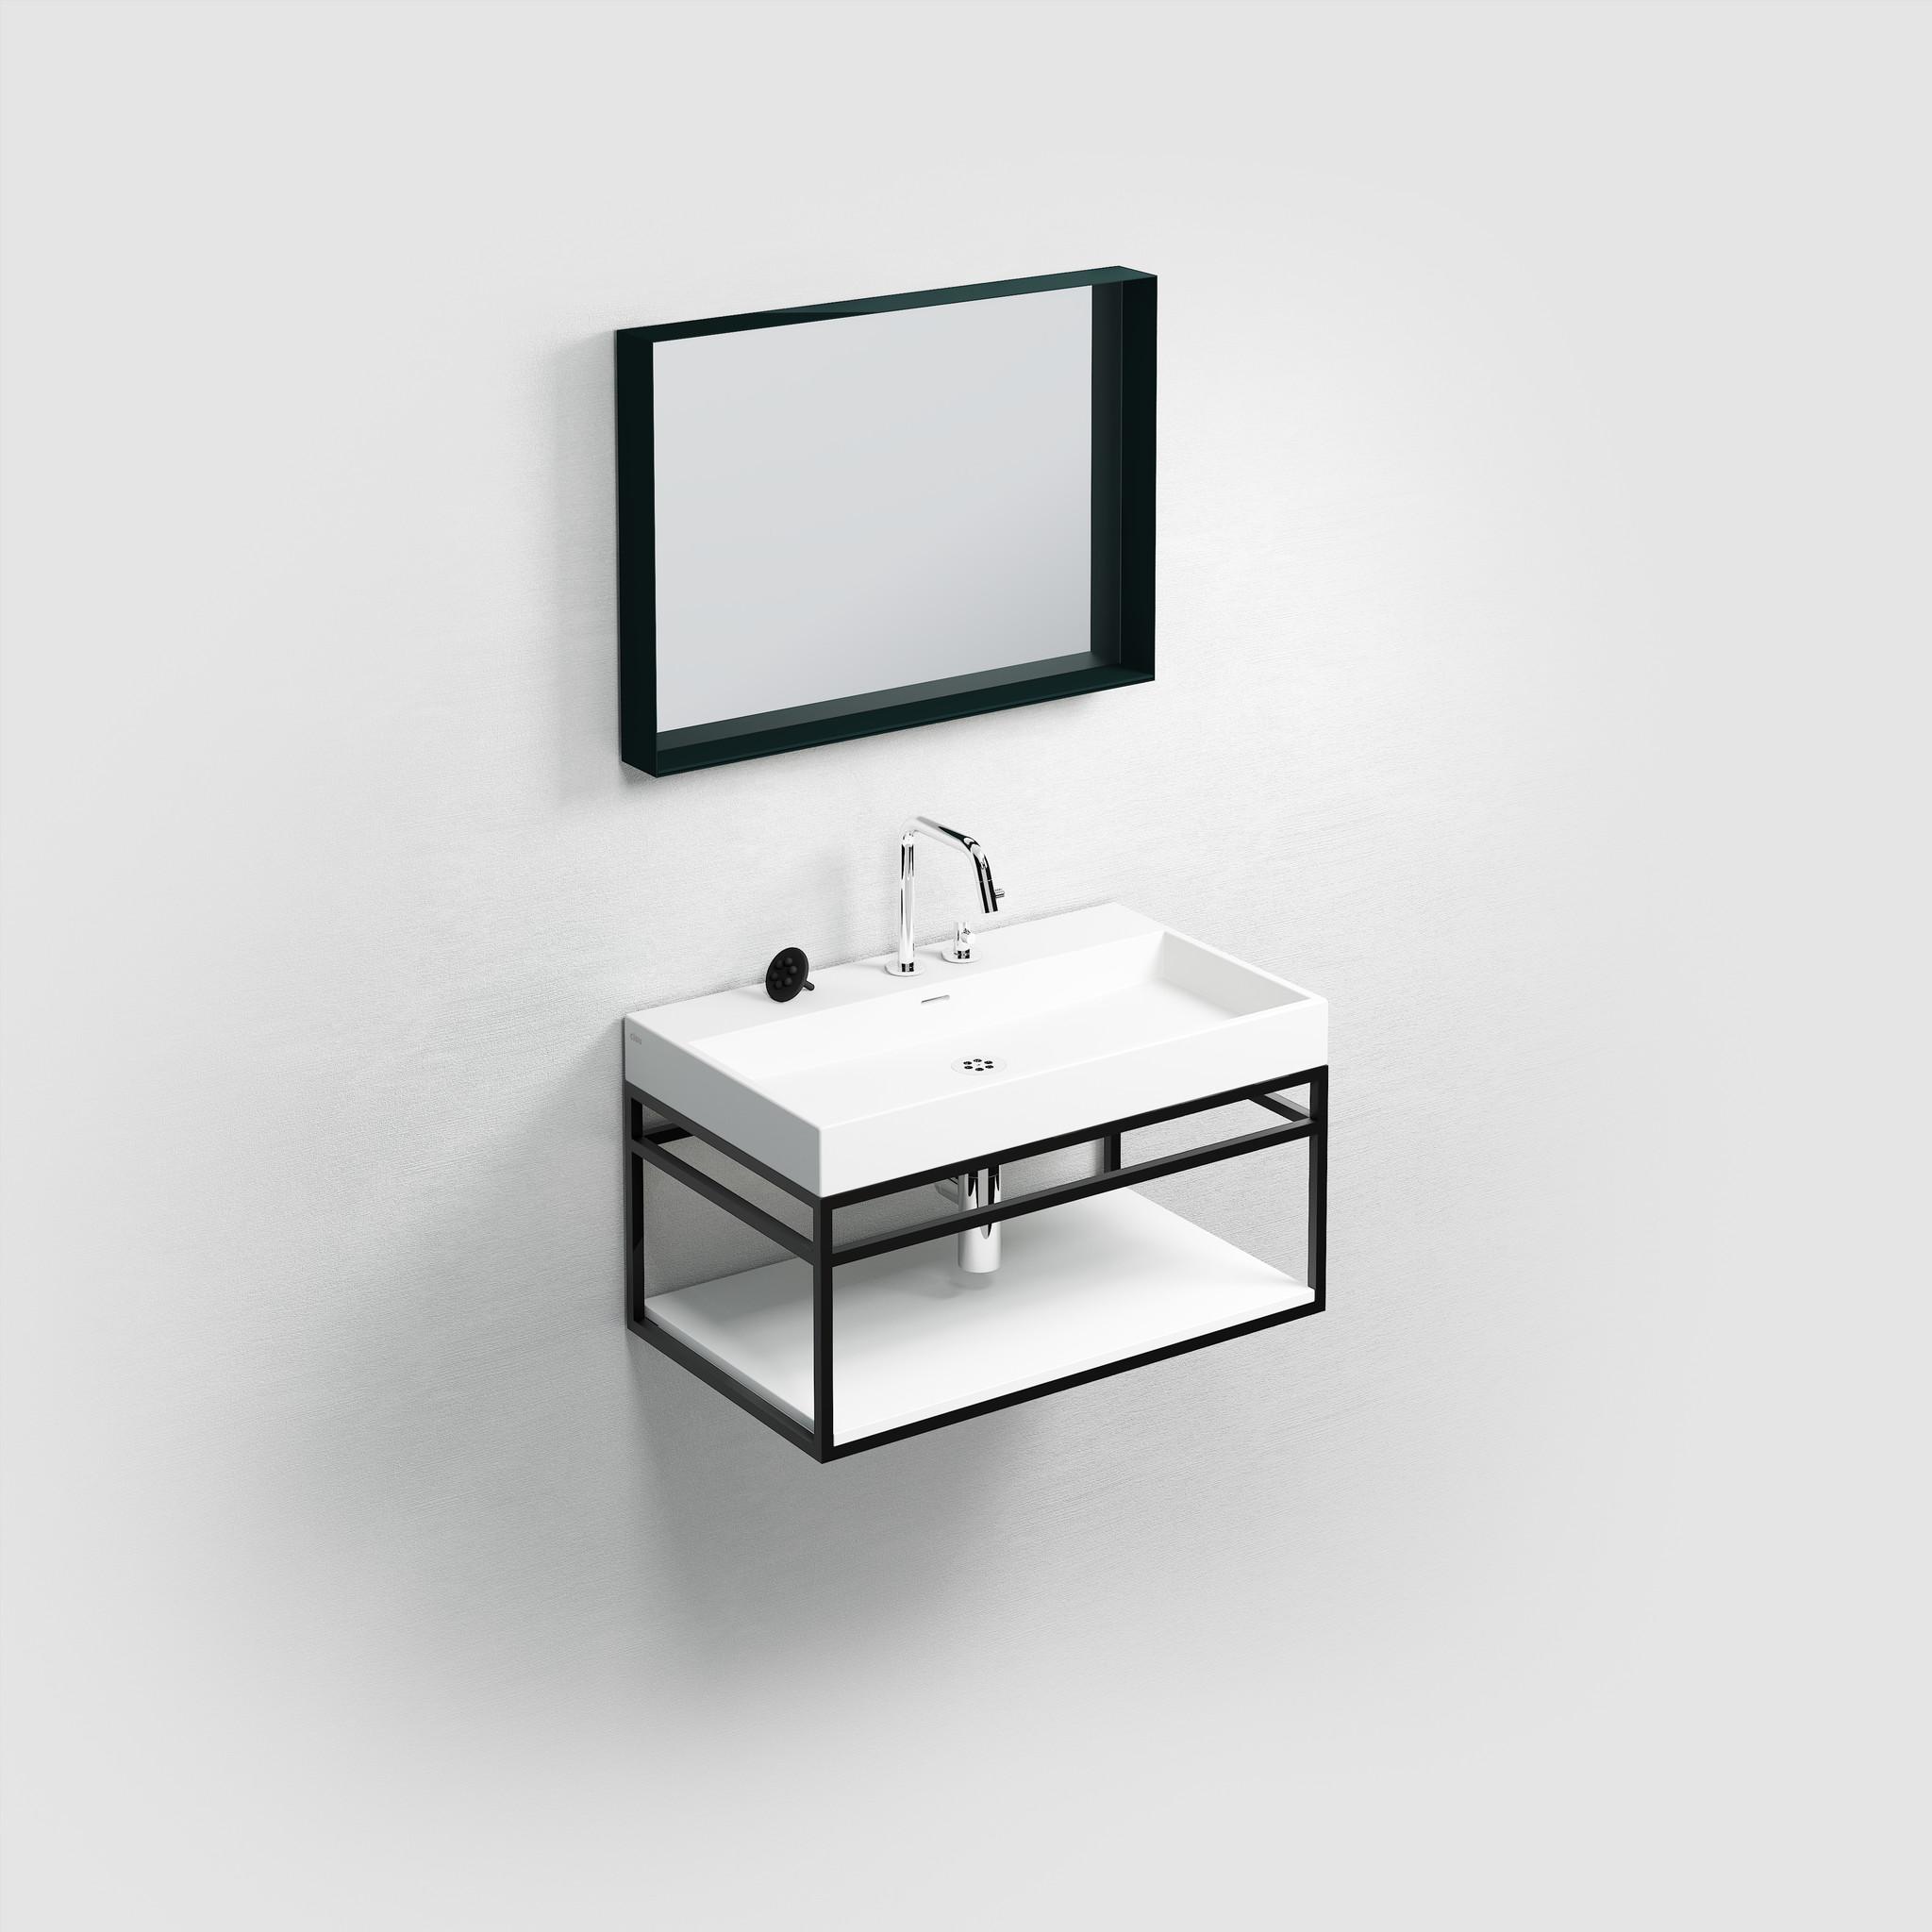 Frame inleg planchet 67 cm voor (New) Wash Me